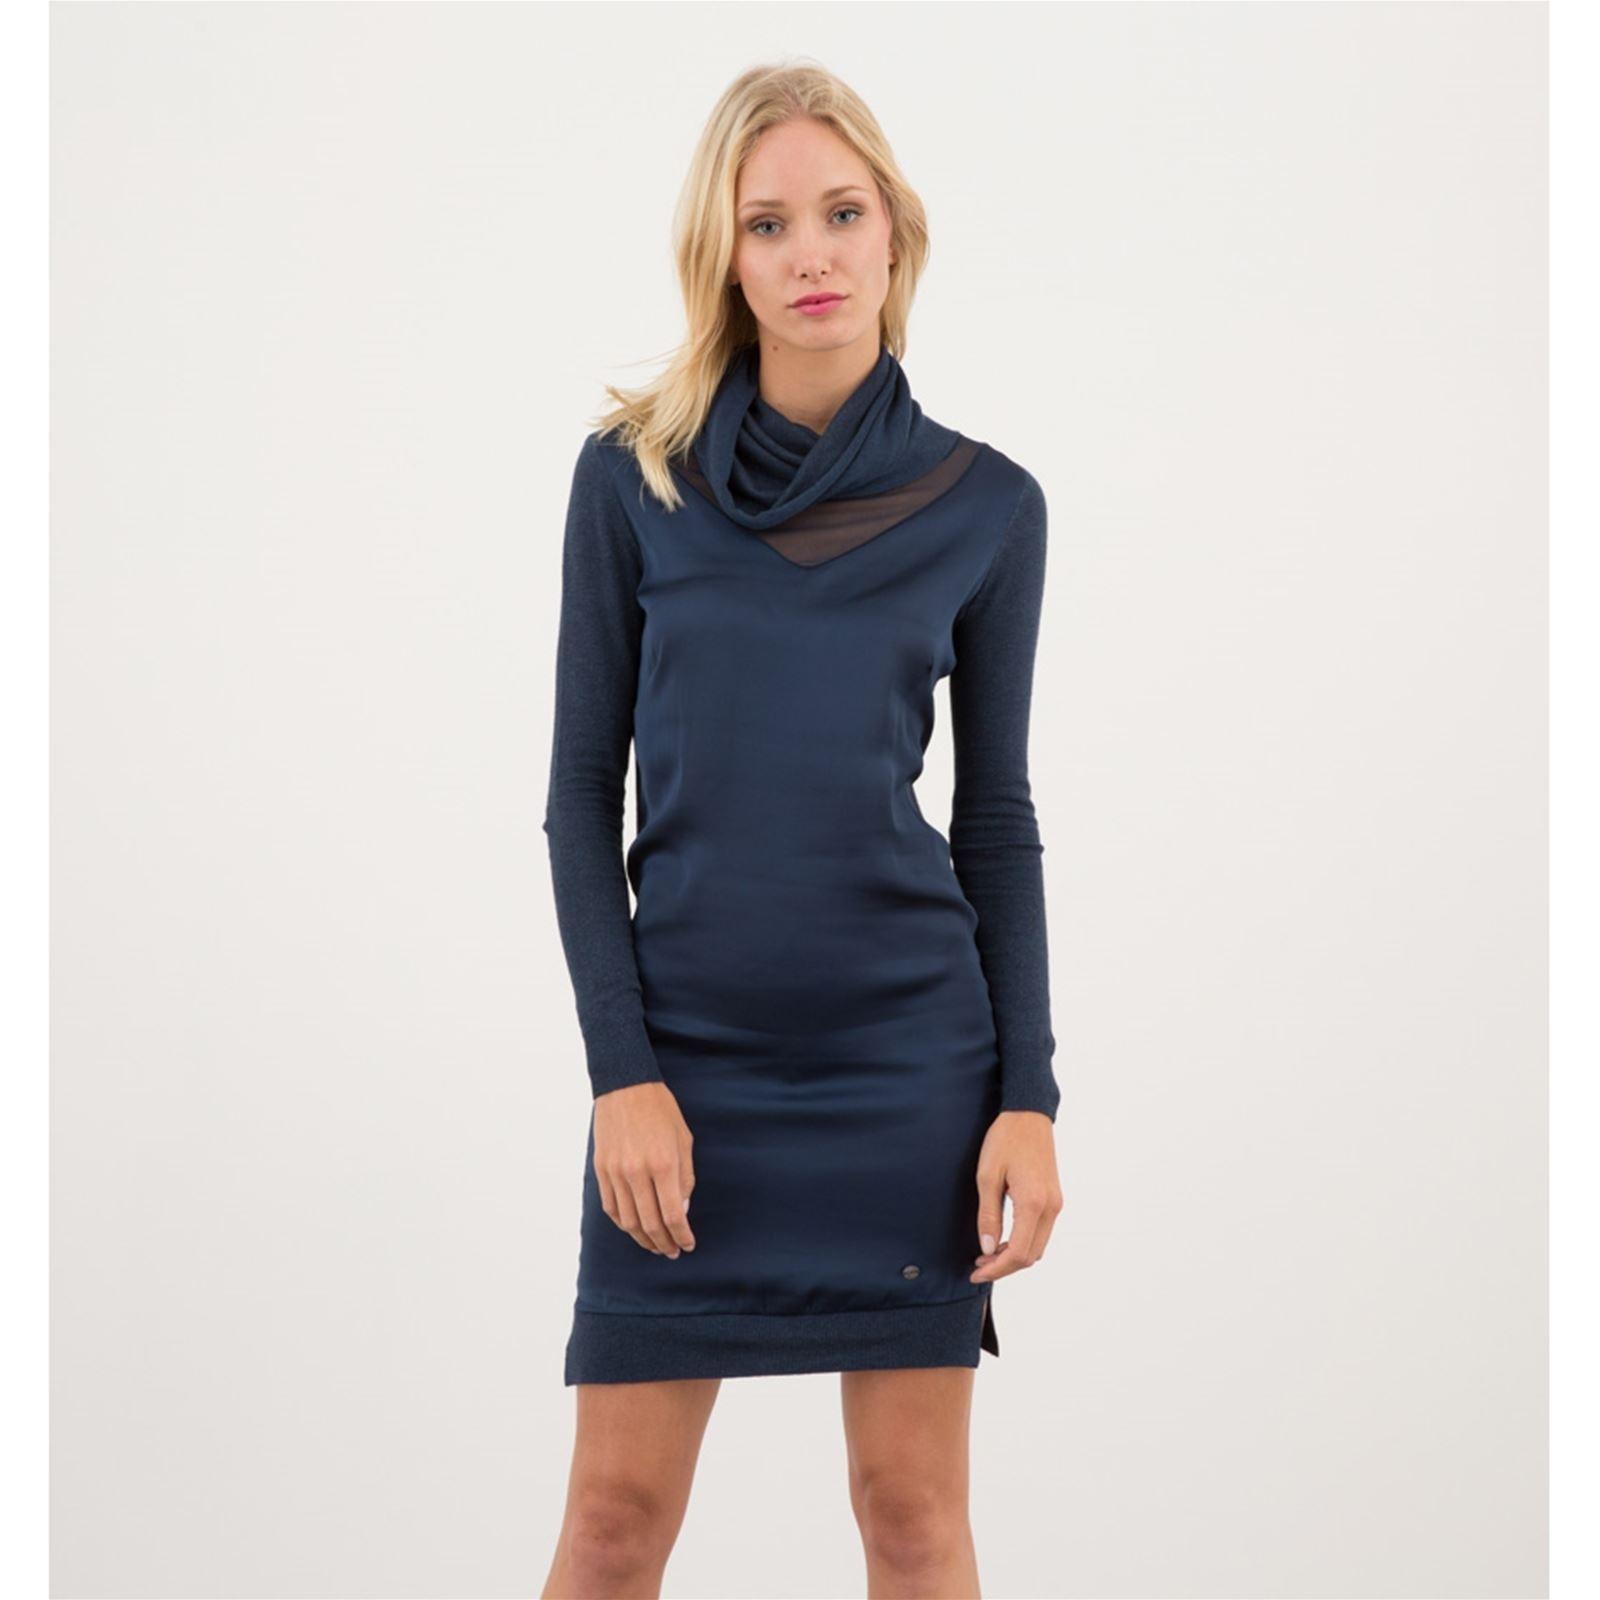 20 Elegant Kurzes Kleid Blau StylishFormal Genial Kurzes Kleid Blau Spezialgebiet